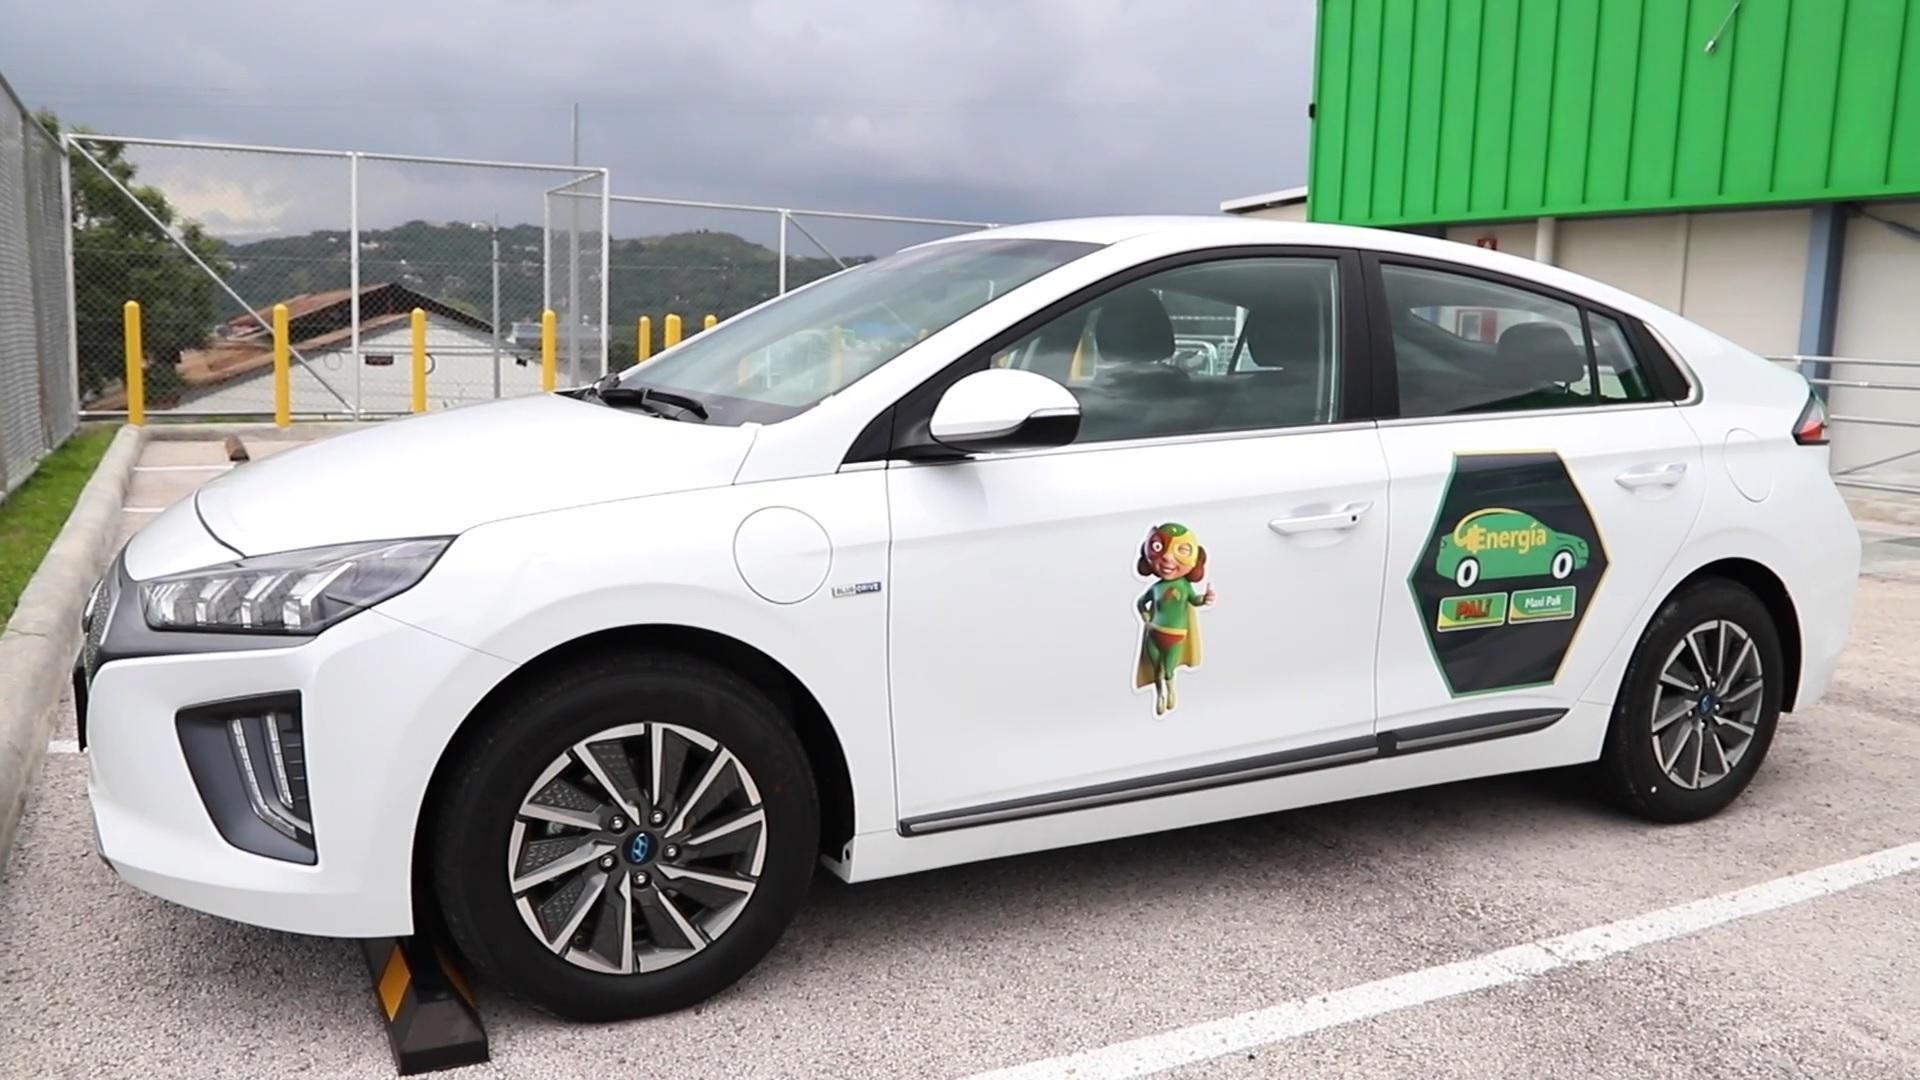 Maxi Palí y Palí incorporan vehículos eléctricos a su operación